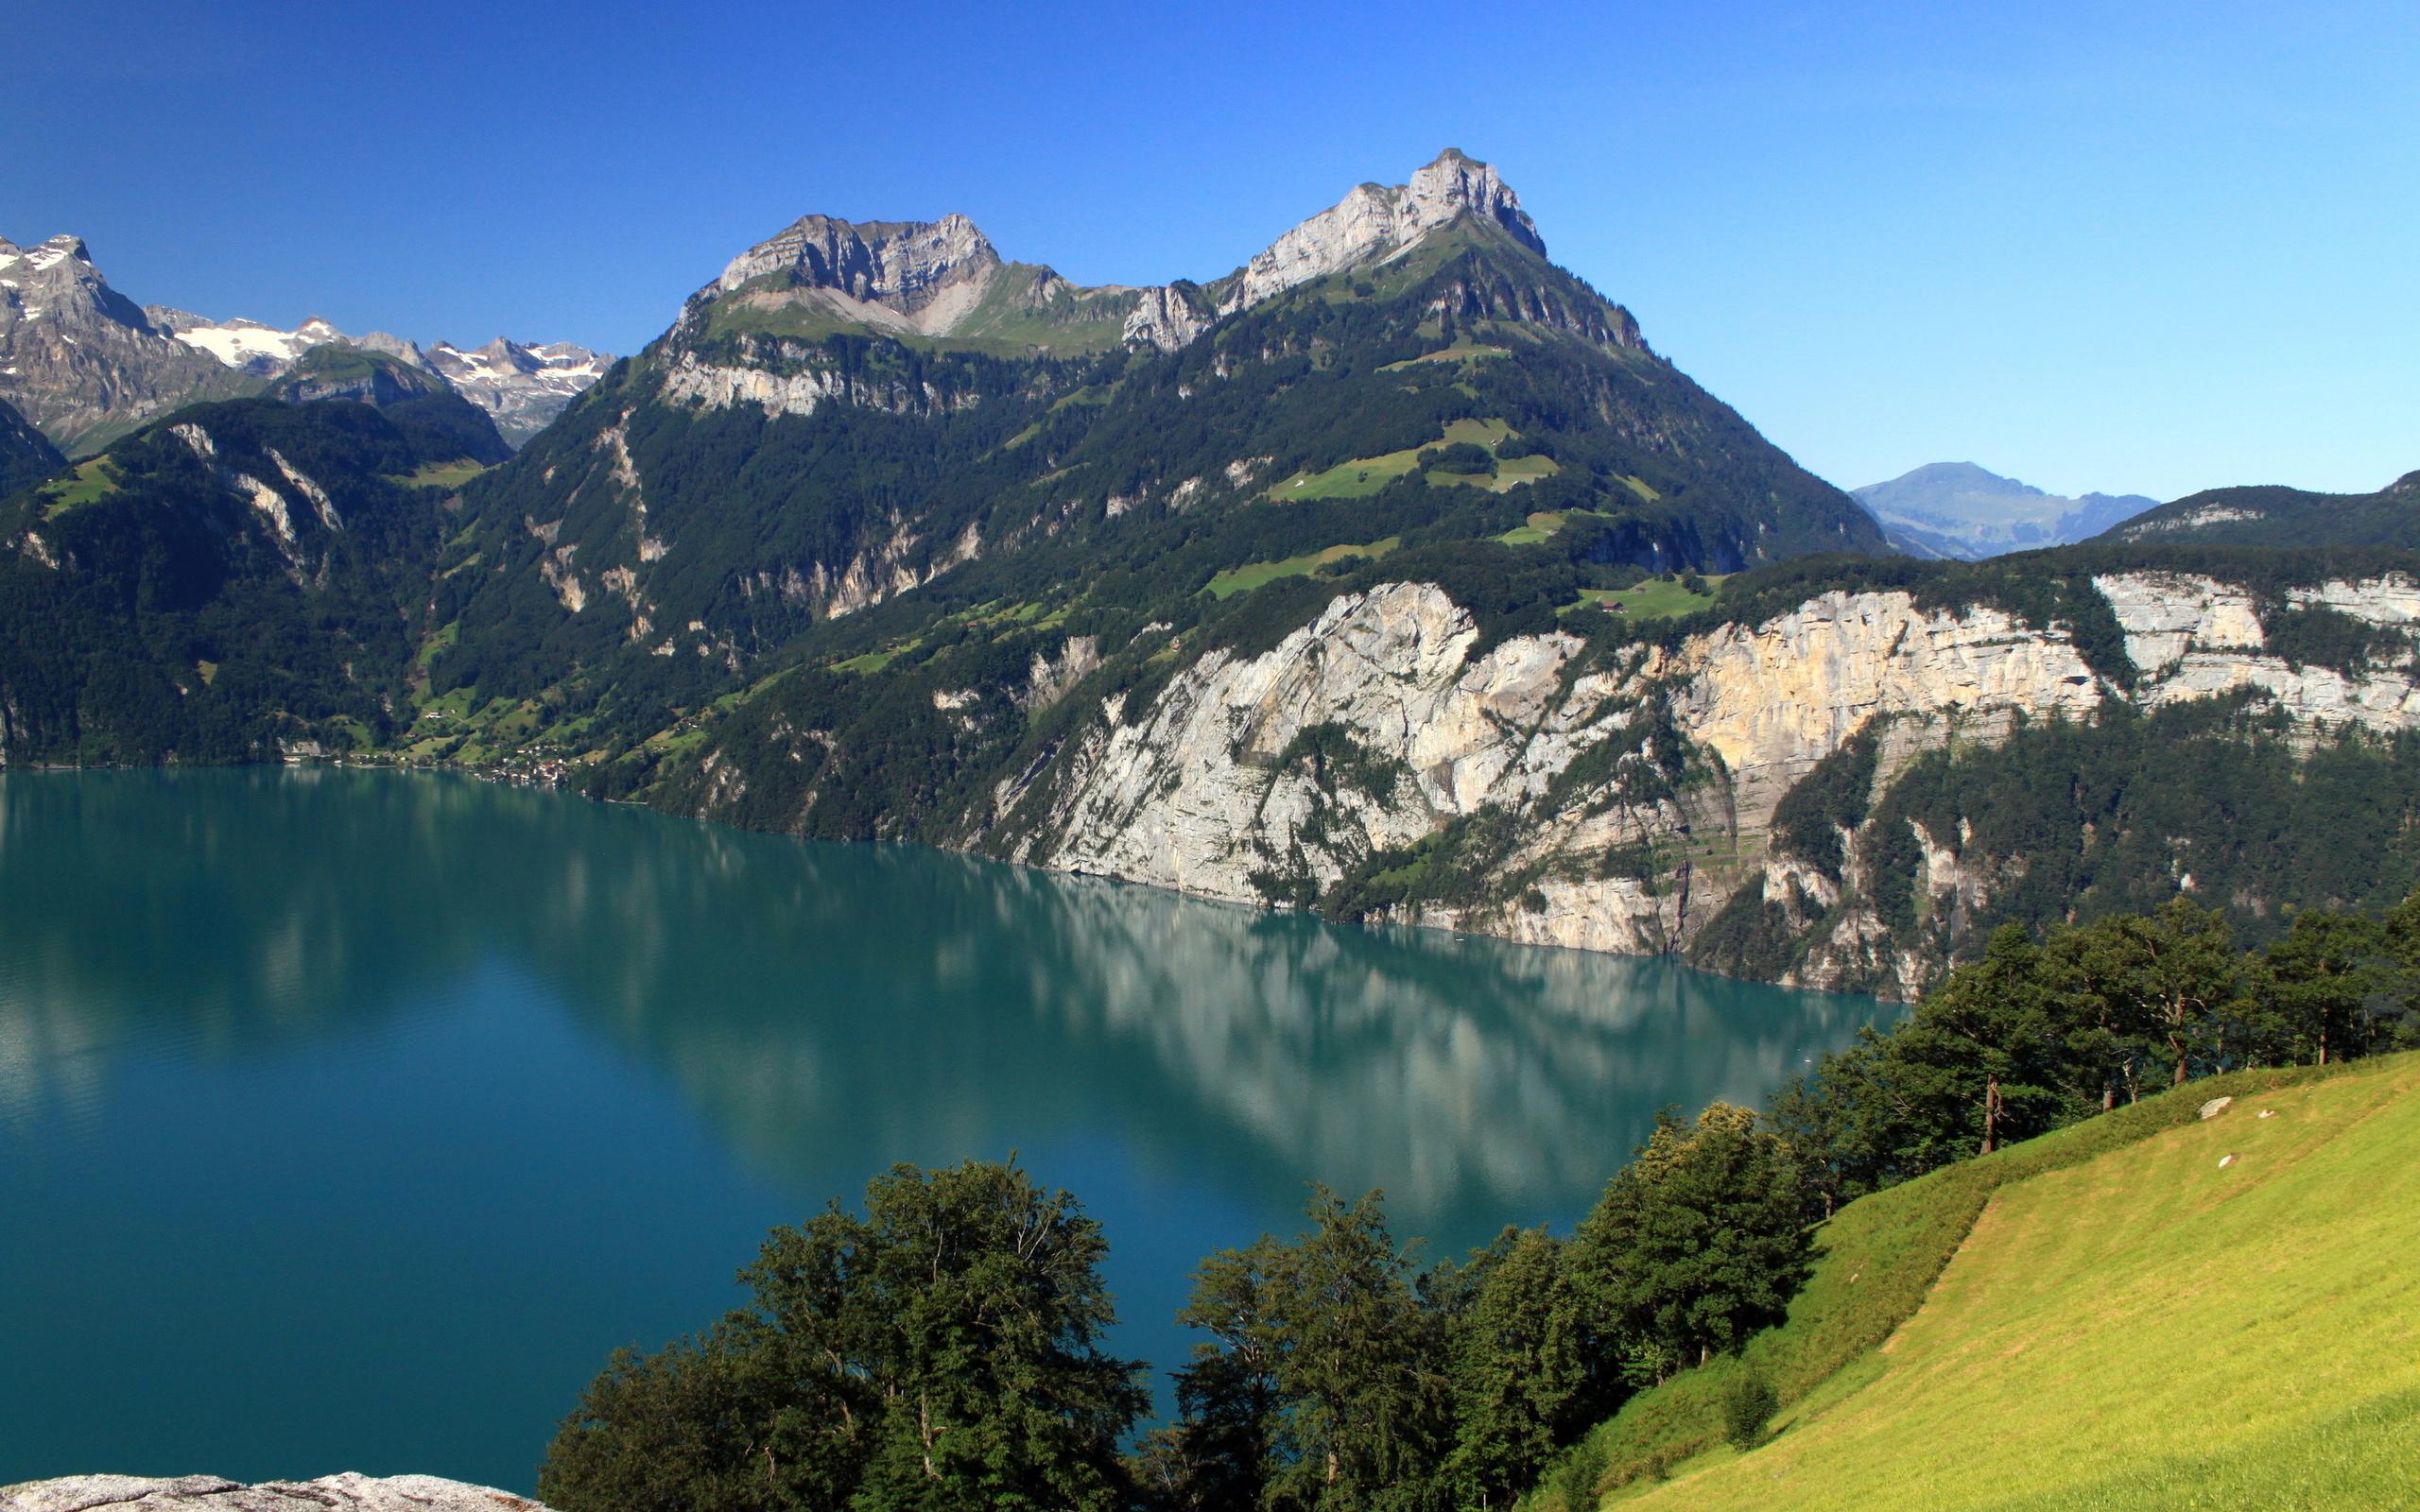 швейцарские горы картинки голубей активно использовали